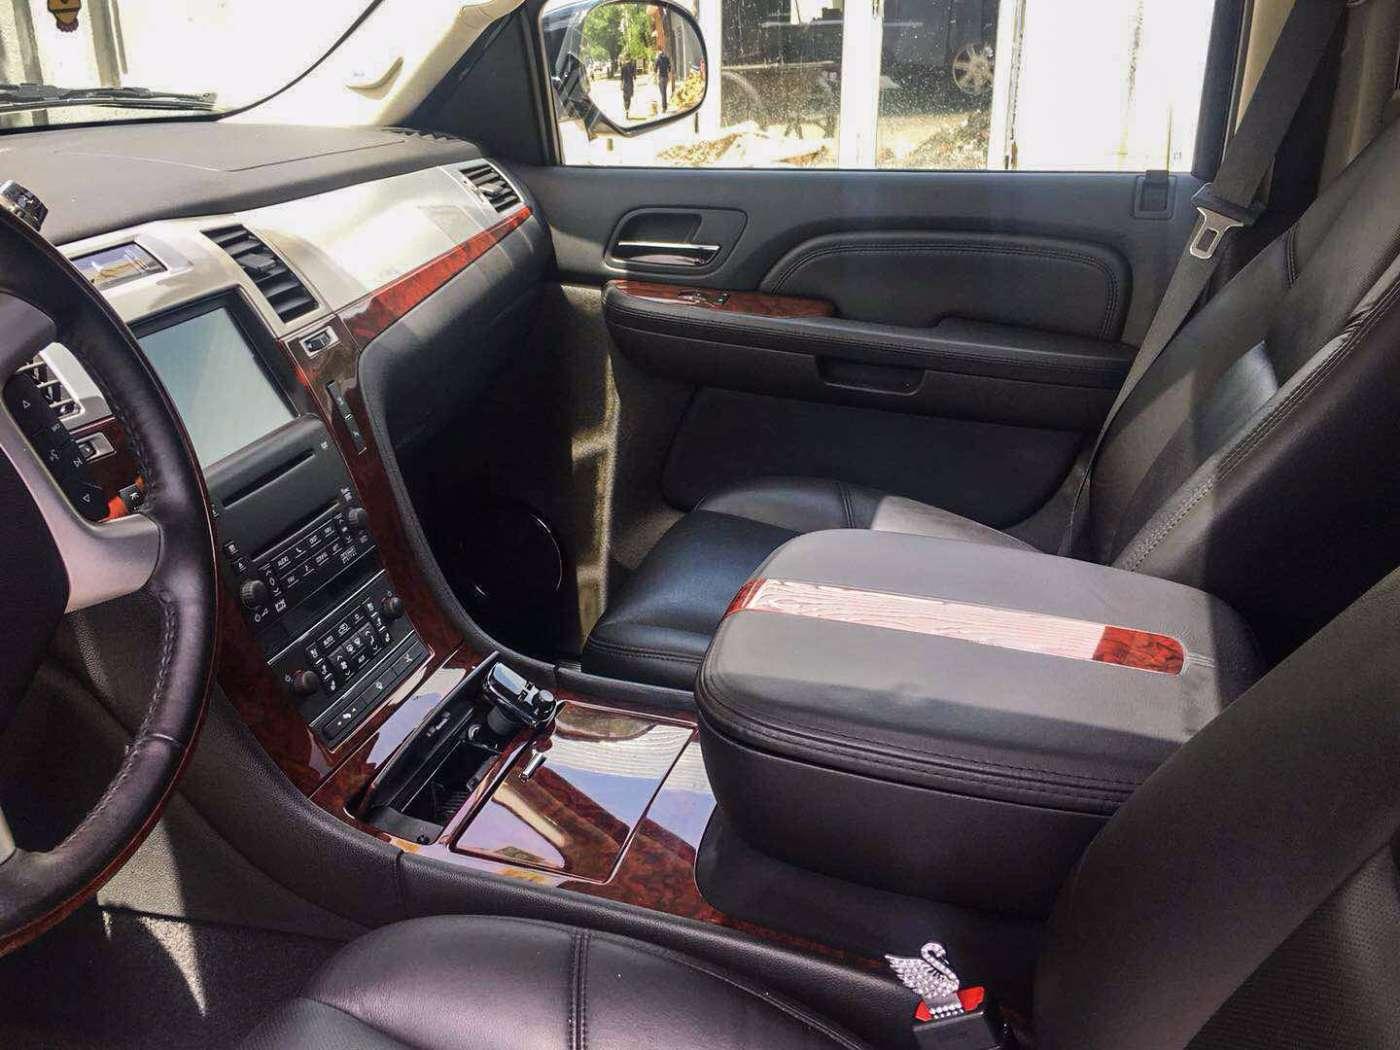 2009年05月 凯迪拉克 凯雷德ESCALADE 2008款 6.2 AWD|甄选凯迪拉克-北京卡斯基汽车服务有限公司